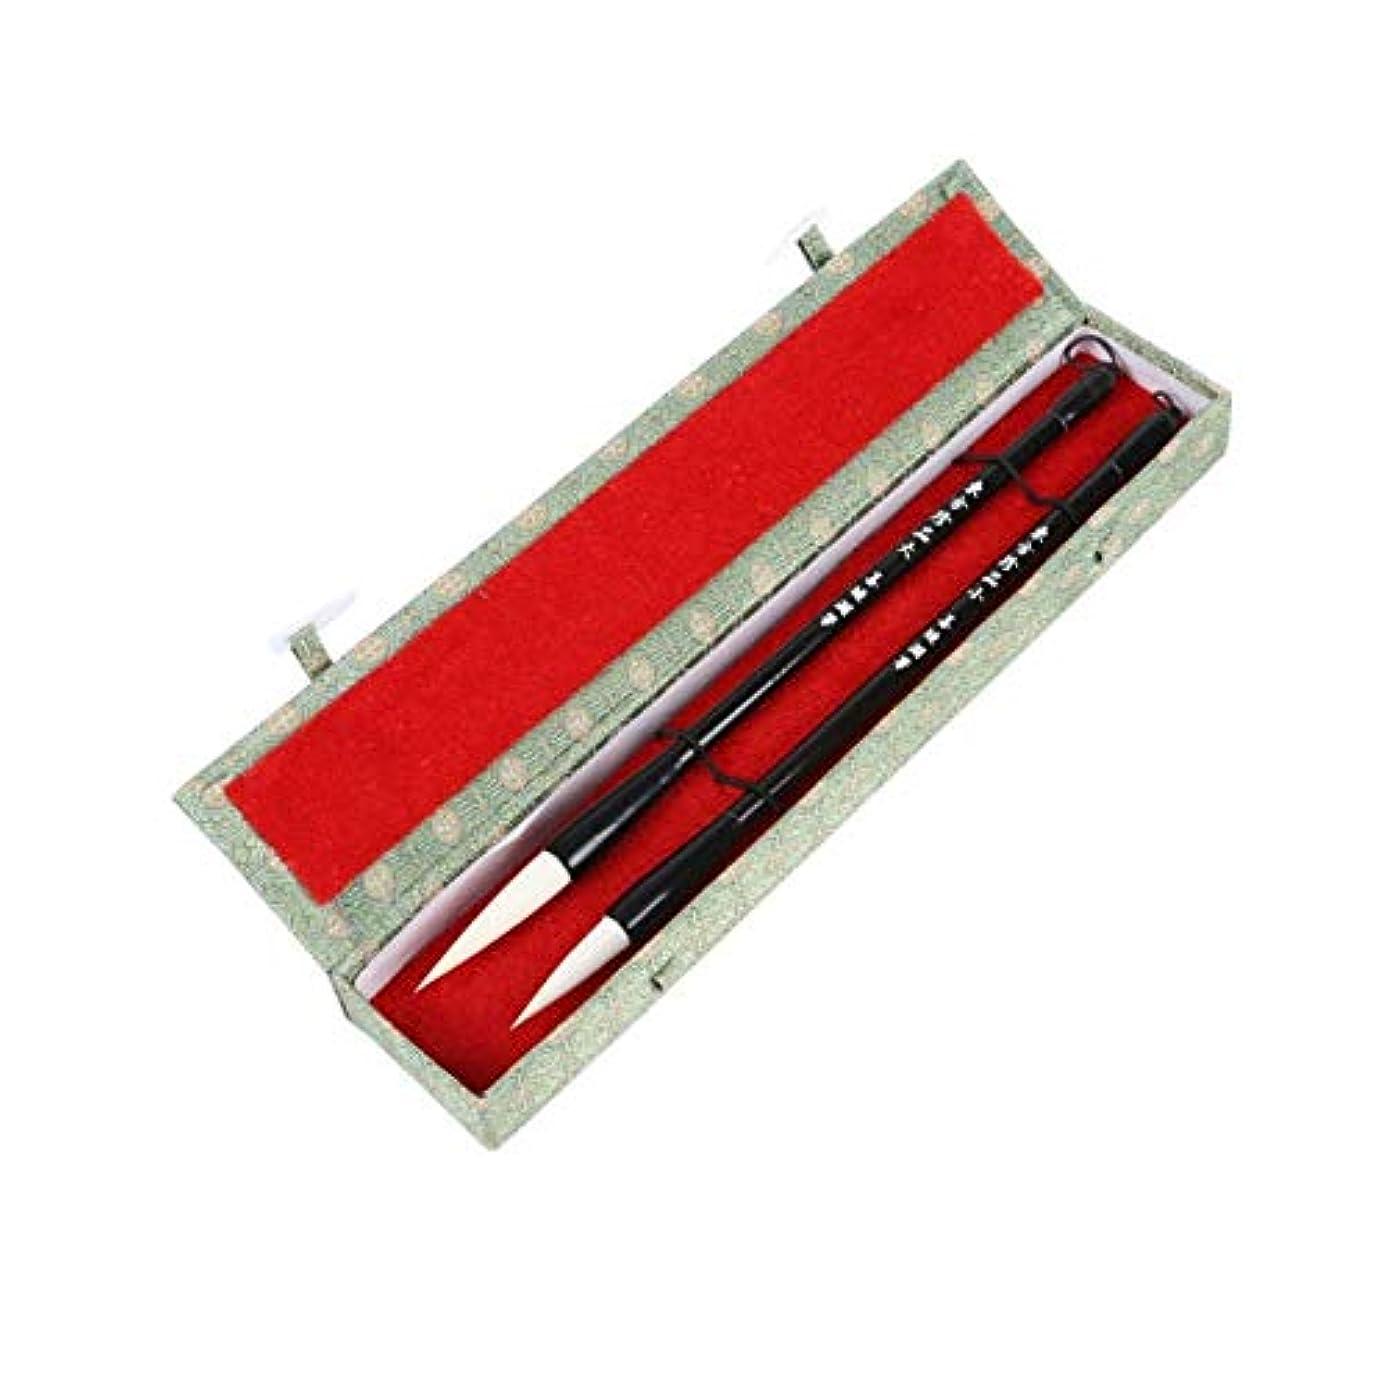 代わって扇動非互換Aishanghuayi001 ペイントブラシ、2箱入り学生初心者書道練習/ペイントブラシ、タッチに敏感で繊細な書き込み/ペイントユニバーサルブラシ(2 /ボックス、30 * 6 cm) 安全と環境保護 (Color : Brown, Size : 30*6cm)